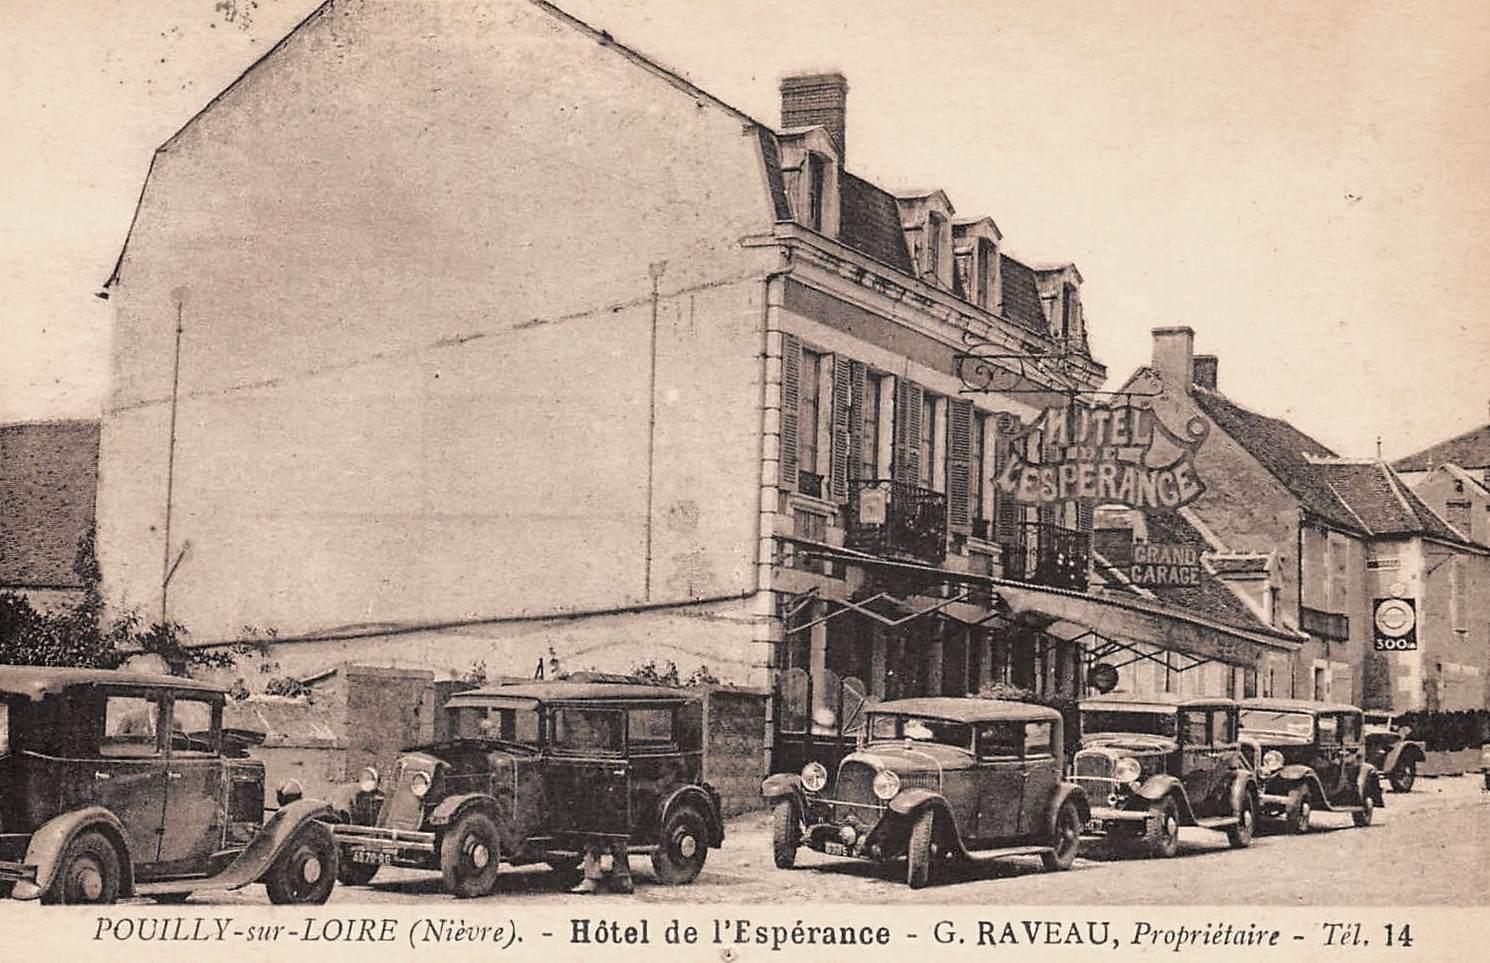 Pouilly-sur-Loire (Nièvre) L'Hôtel de l'Espérance CPA